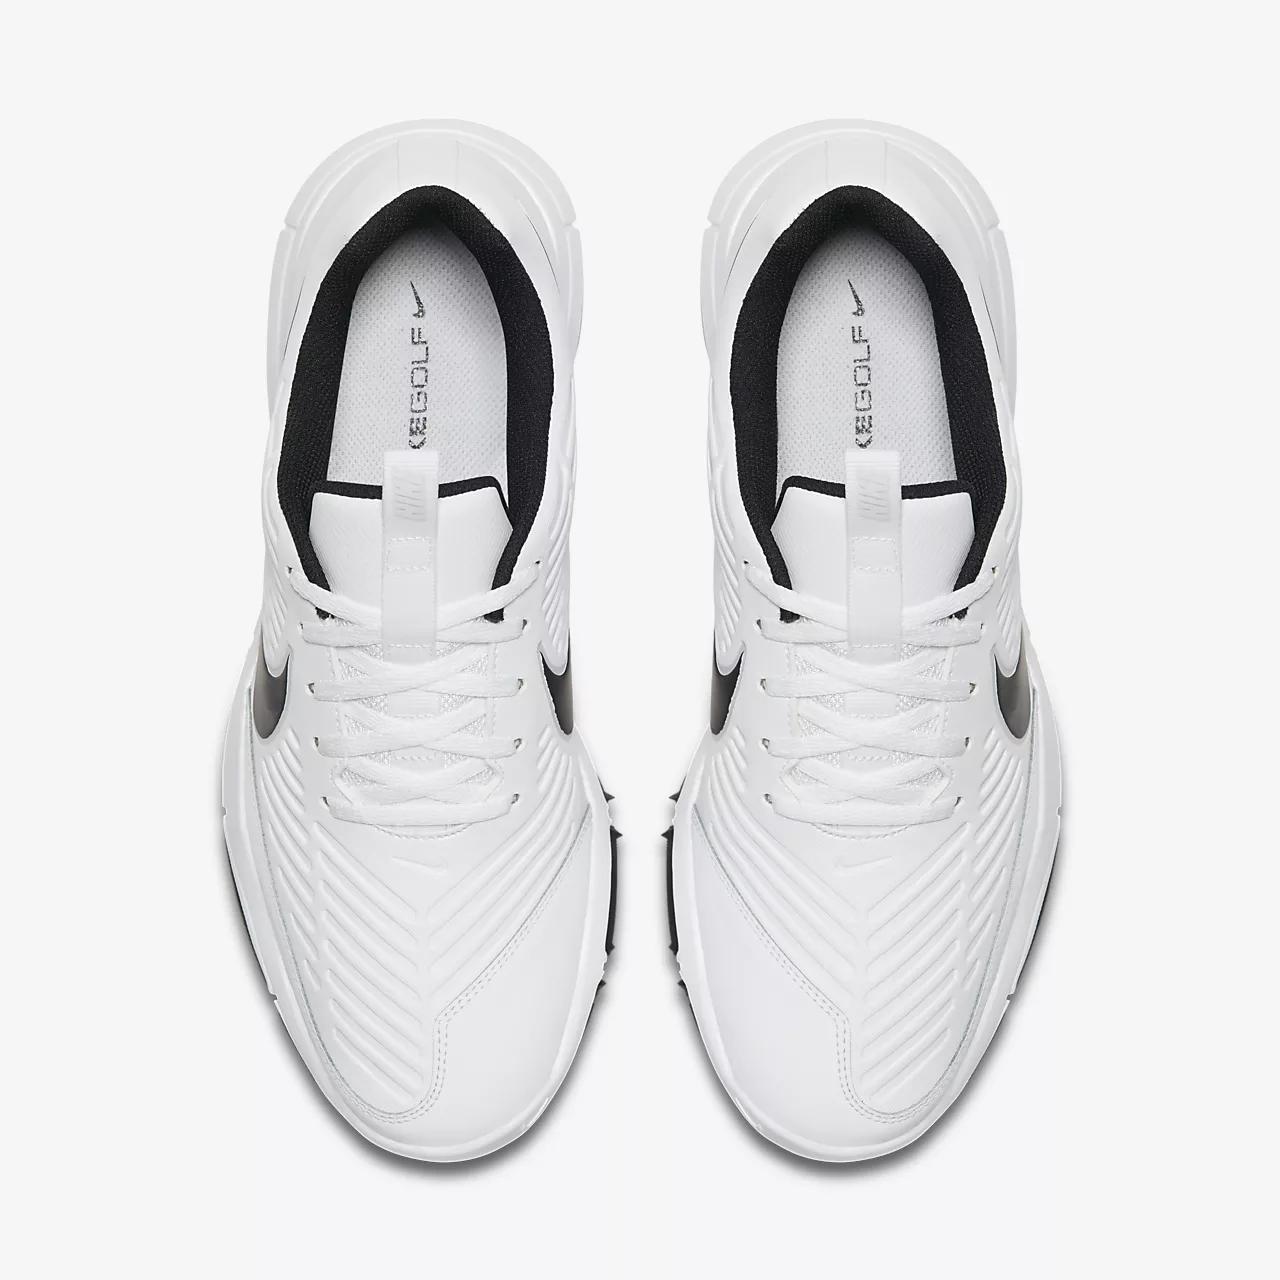 유럽직배송 나이키 NIKE Nike Explorer 2 S Men's Golf Shoe 922004-100